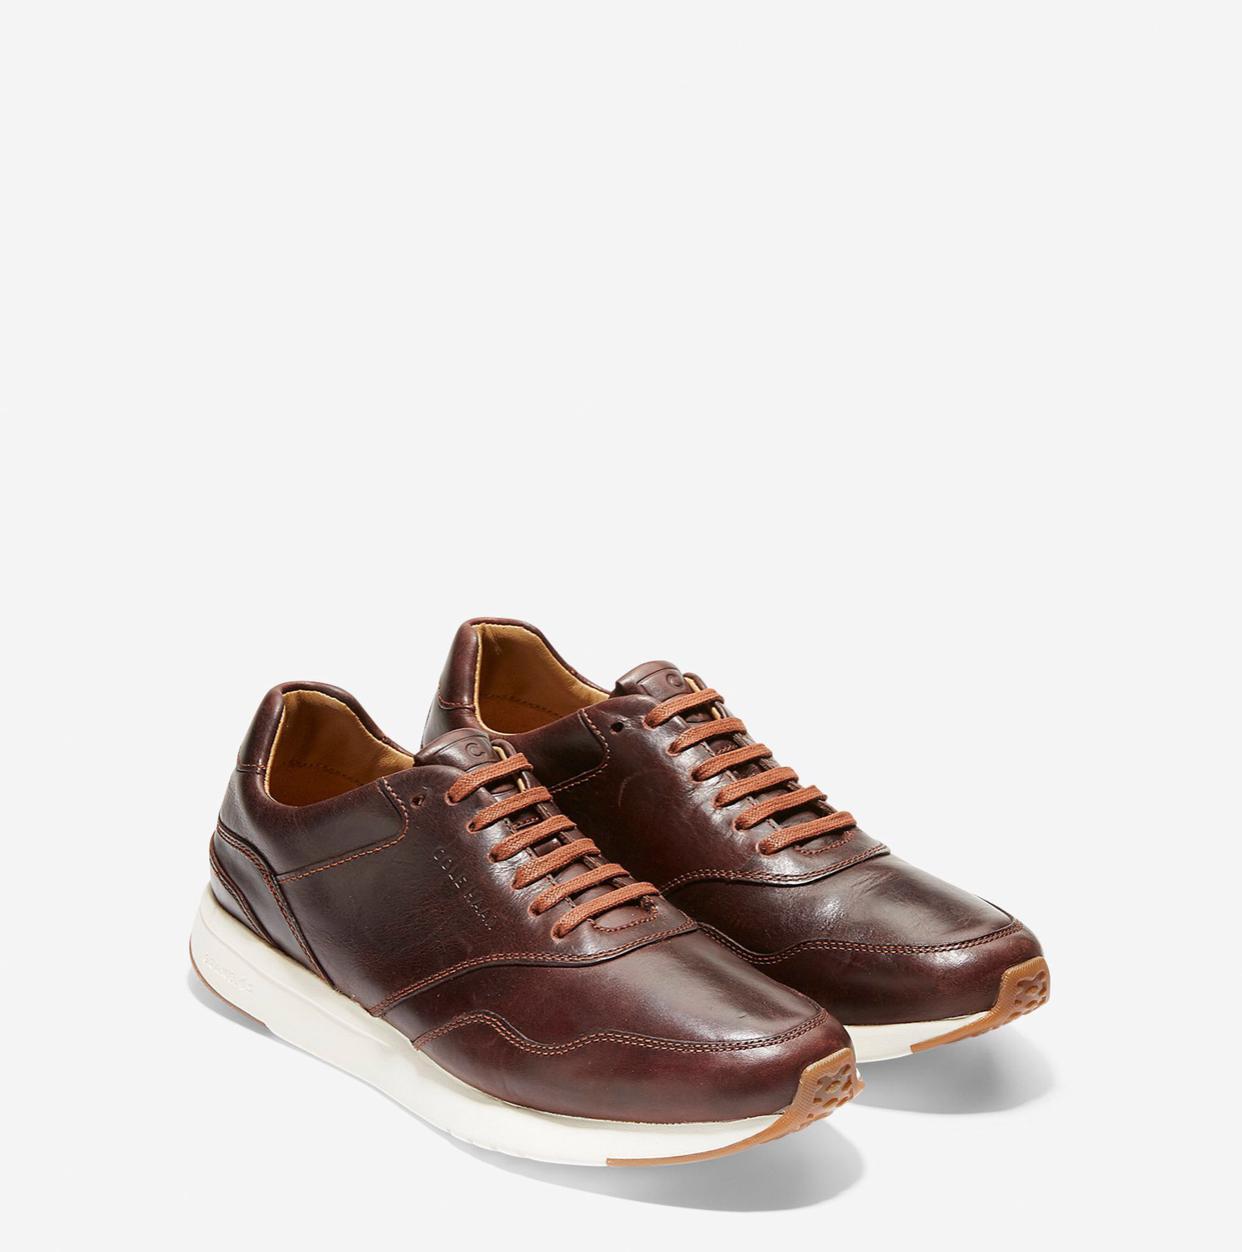 Cole Haan GrandPro Running Sneakers